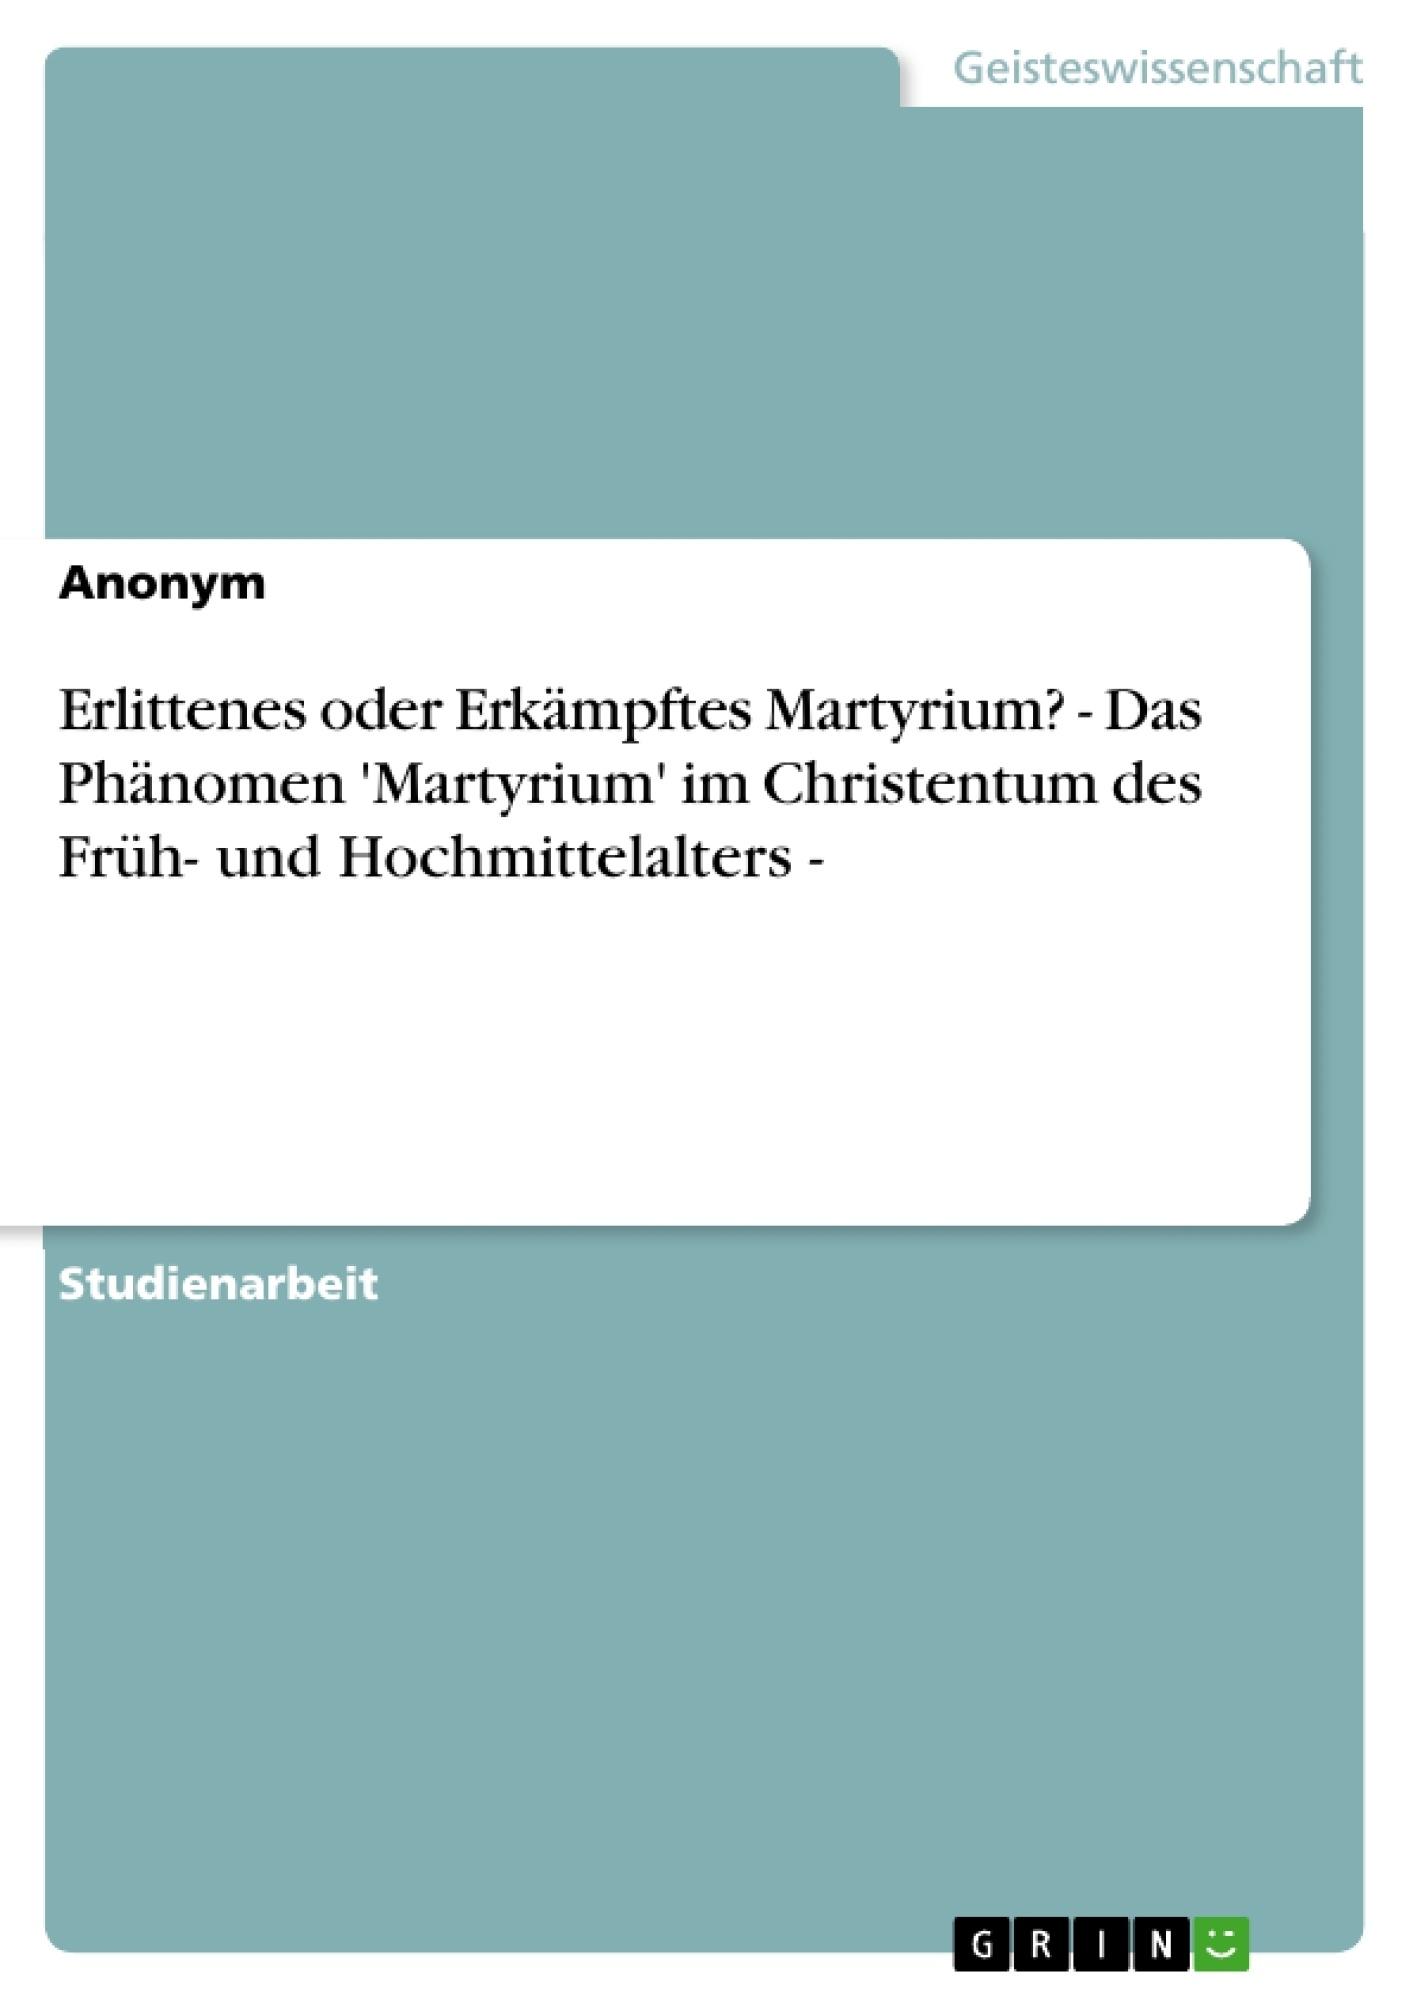 Titel: Erlittenes oder Erkämpftes Martyrium? - Das Phänomen 'Martyrium' im Christentum des Früh- und Hochmittelalters -